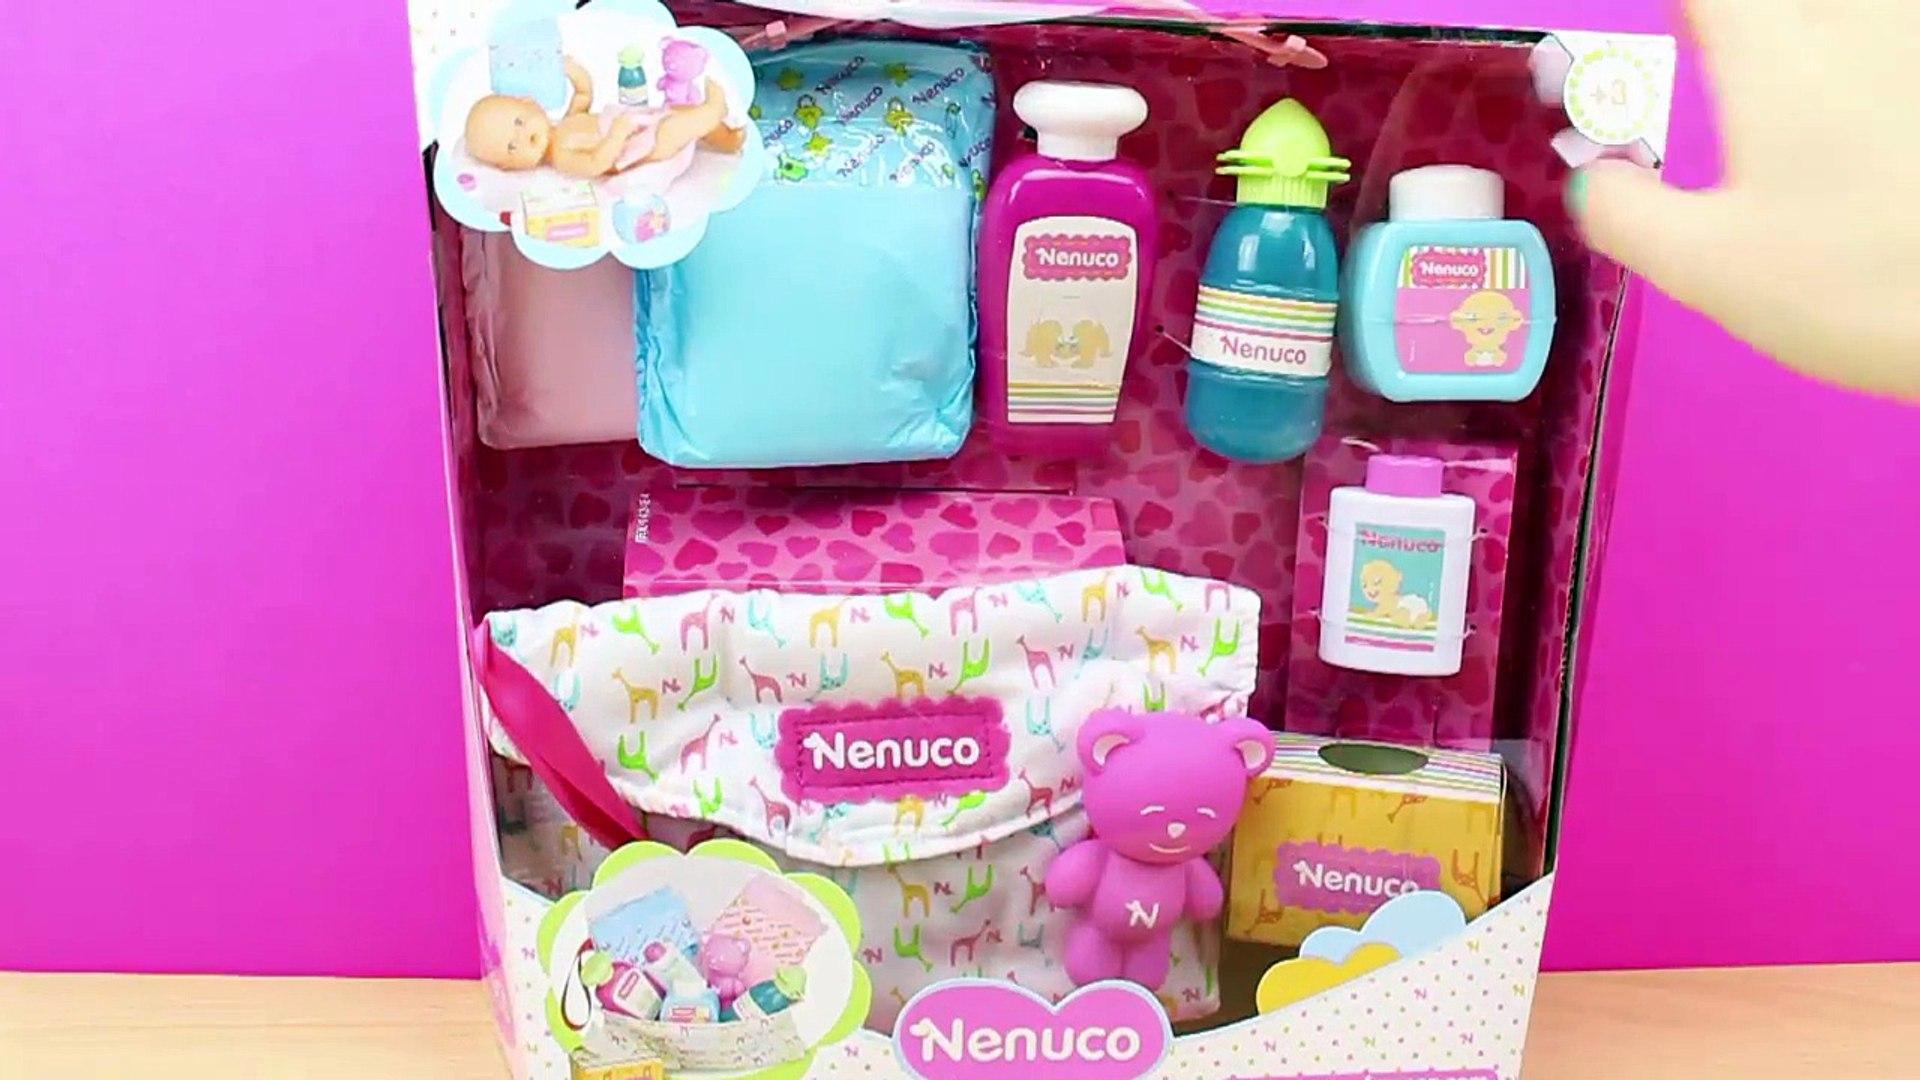 usa cheap sale low price sale hot products Bébé poupée Sac à main Nenuco célèbre table à langer de poupée Nenuco Nenuco